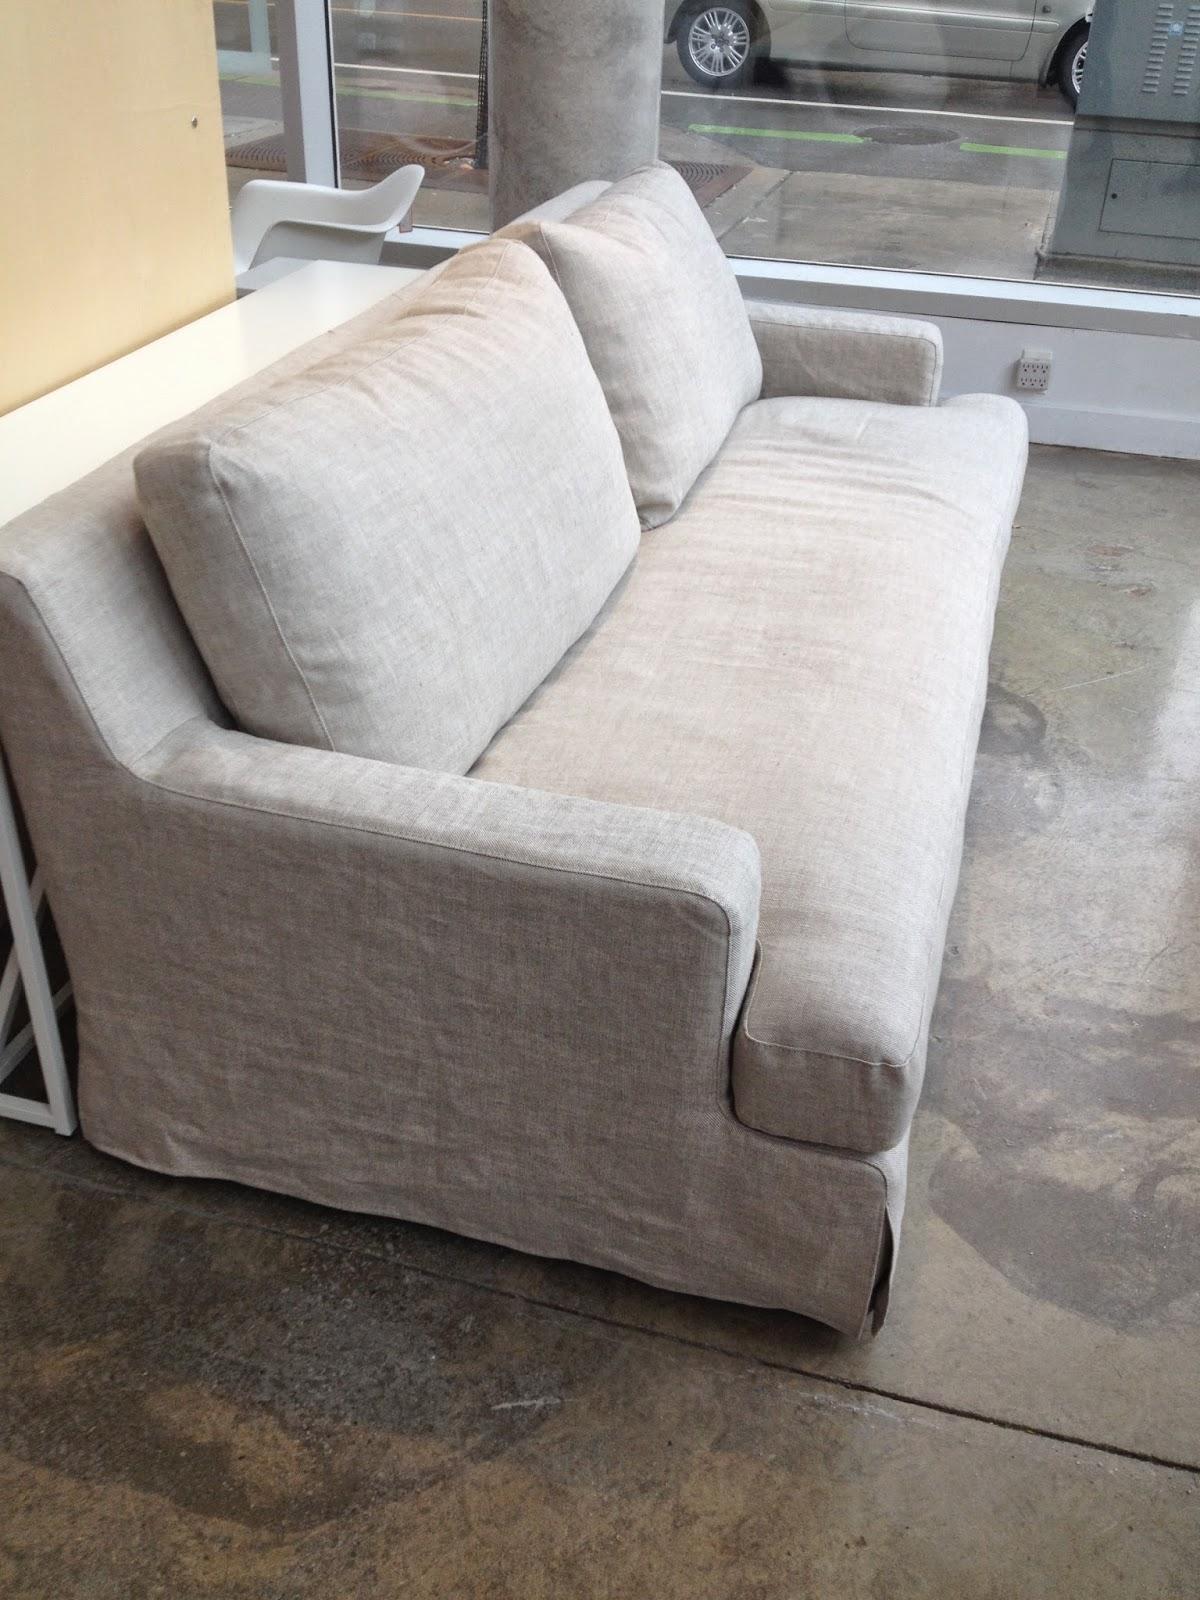 Decor: [decor]: Sofa Search   Part III